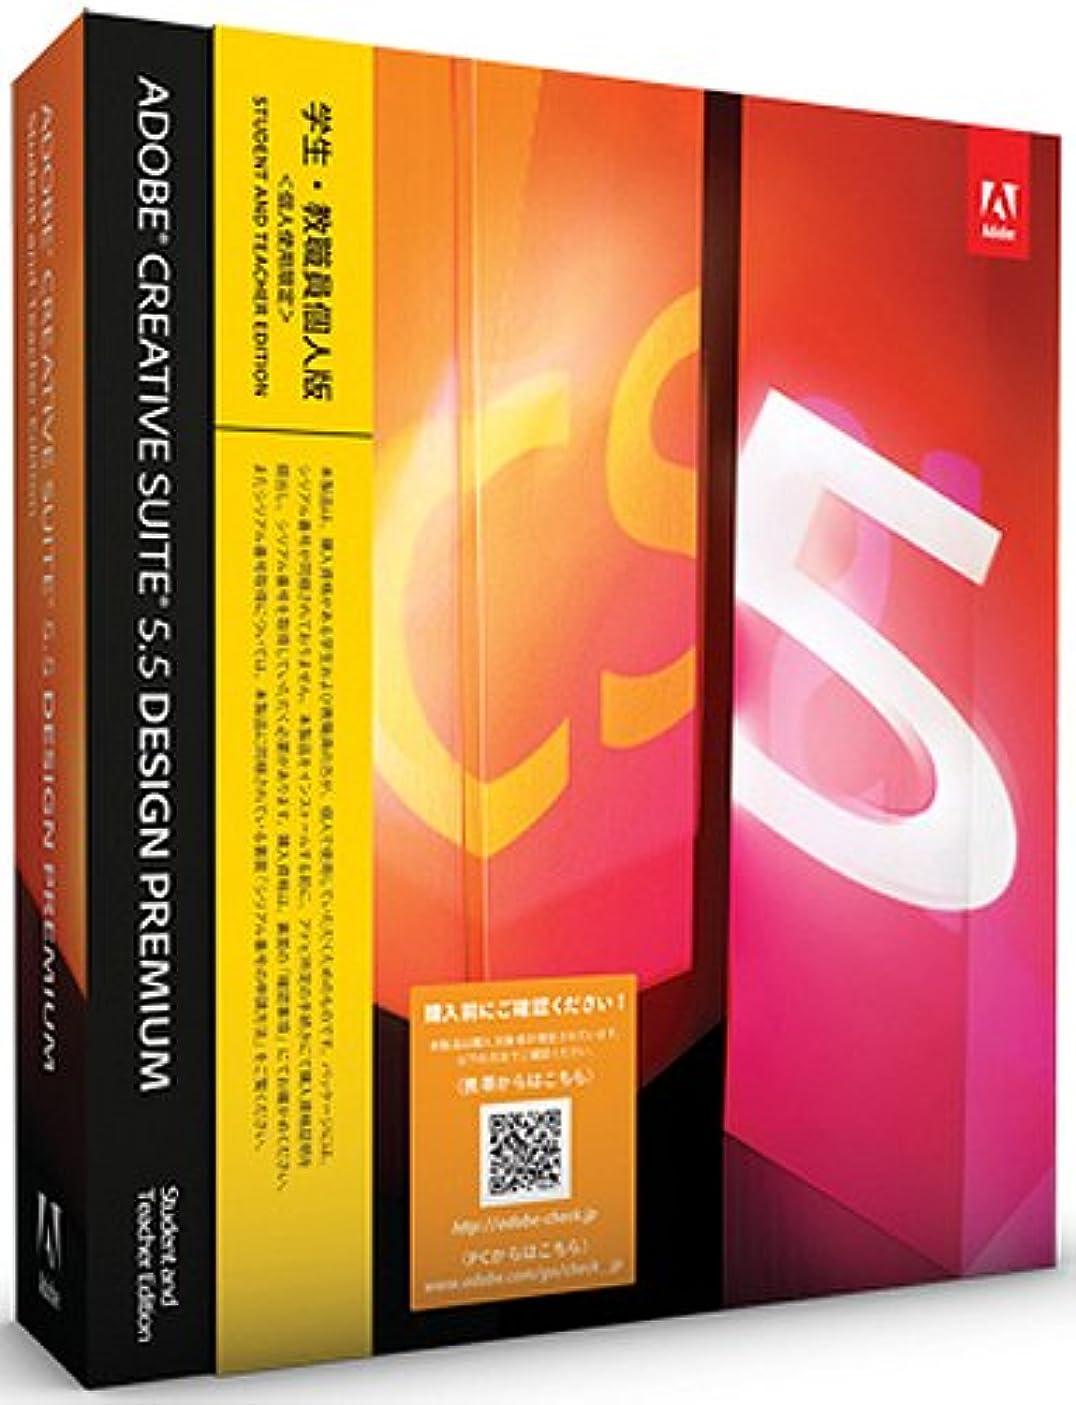 に付ける機械引き受ける学生?教職員個人版 Adobe Creative Suite 5.5 Design Premium Windows版 (要シリアル番号申請)